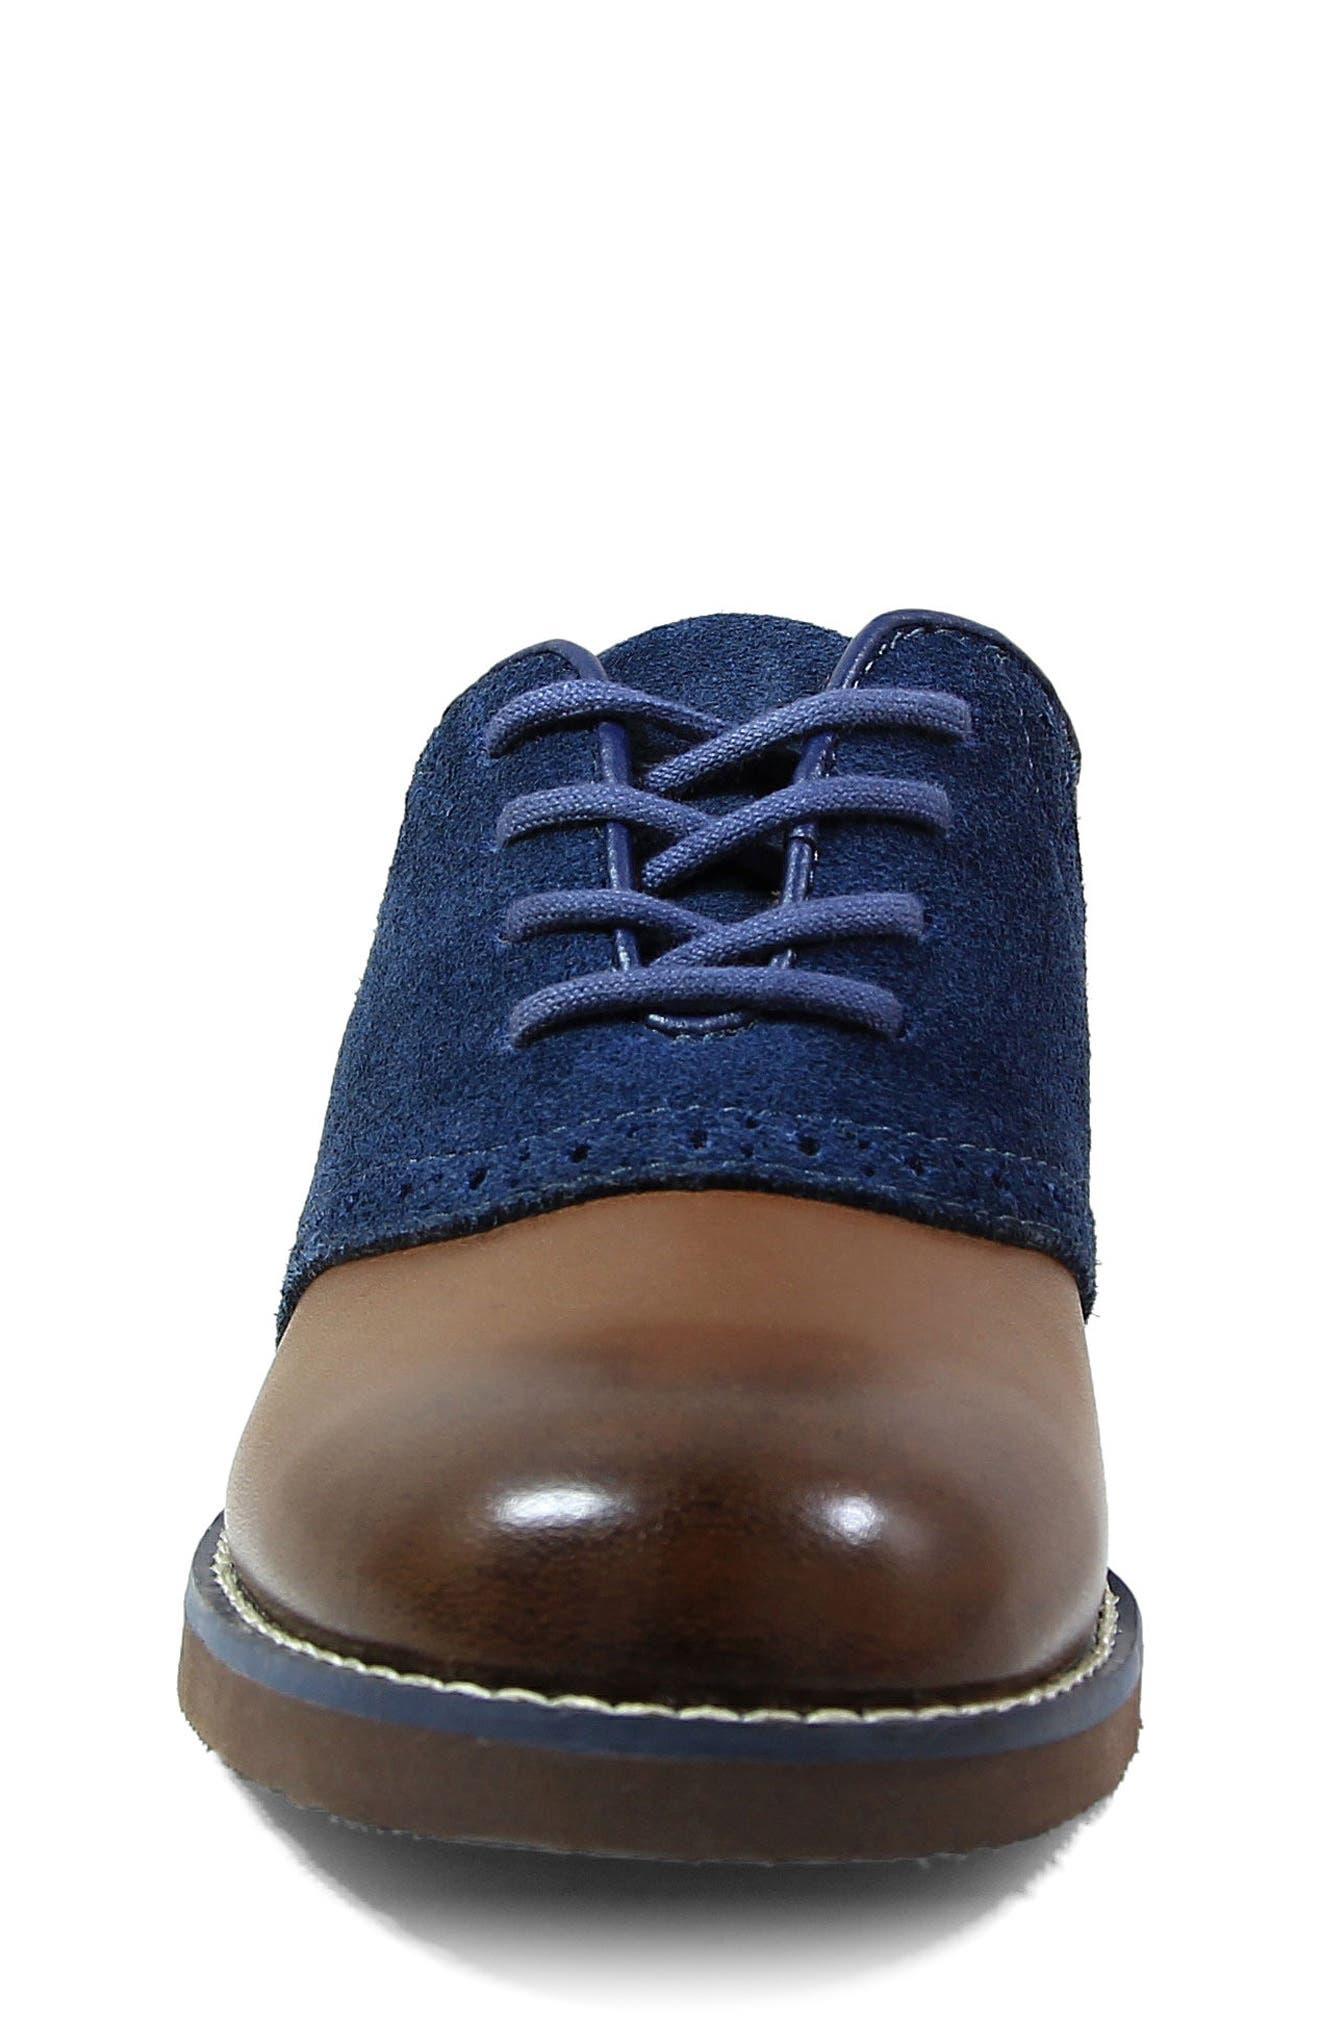 Alternate Image 4  - Florsheim 'Kennett Jr. II' Saddle Shoe (Toddler, Little Kid & Big Kid)